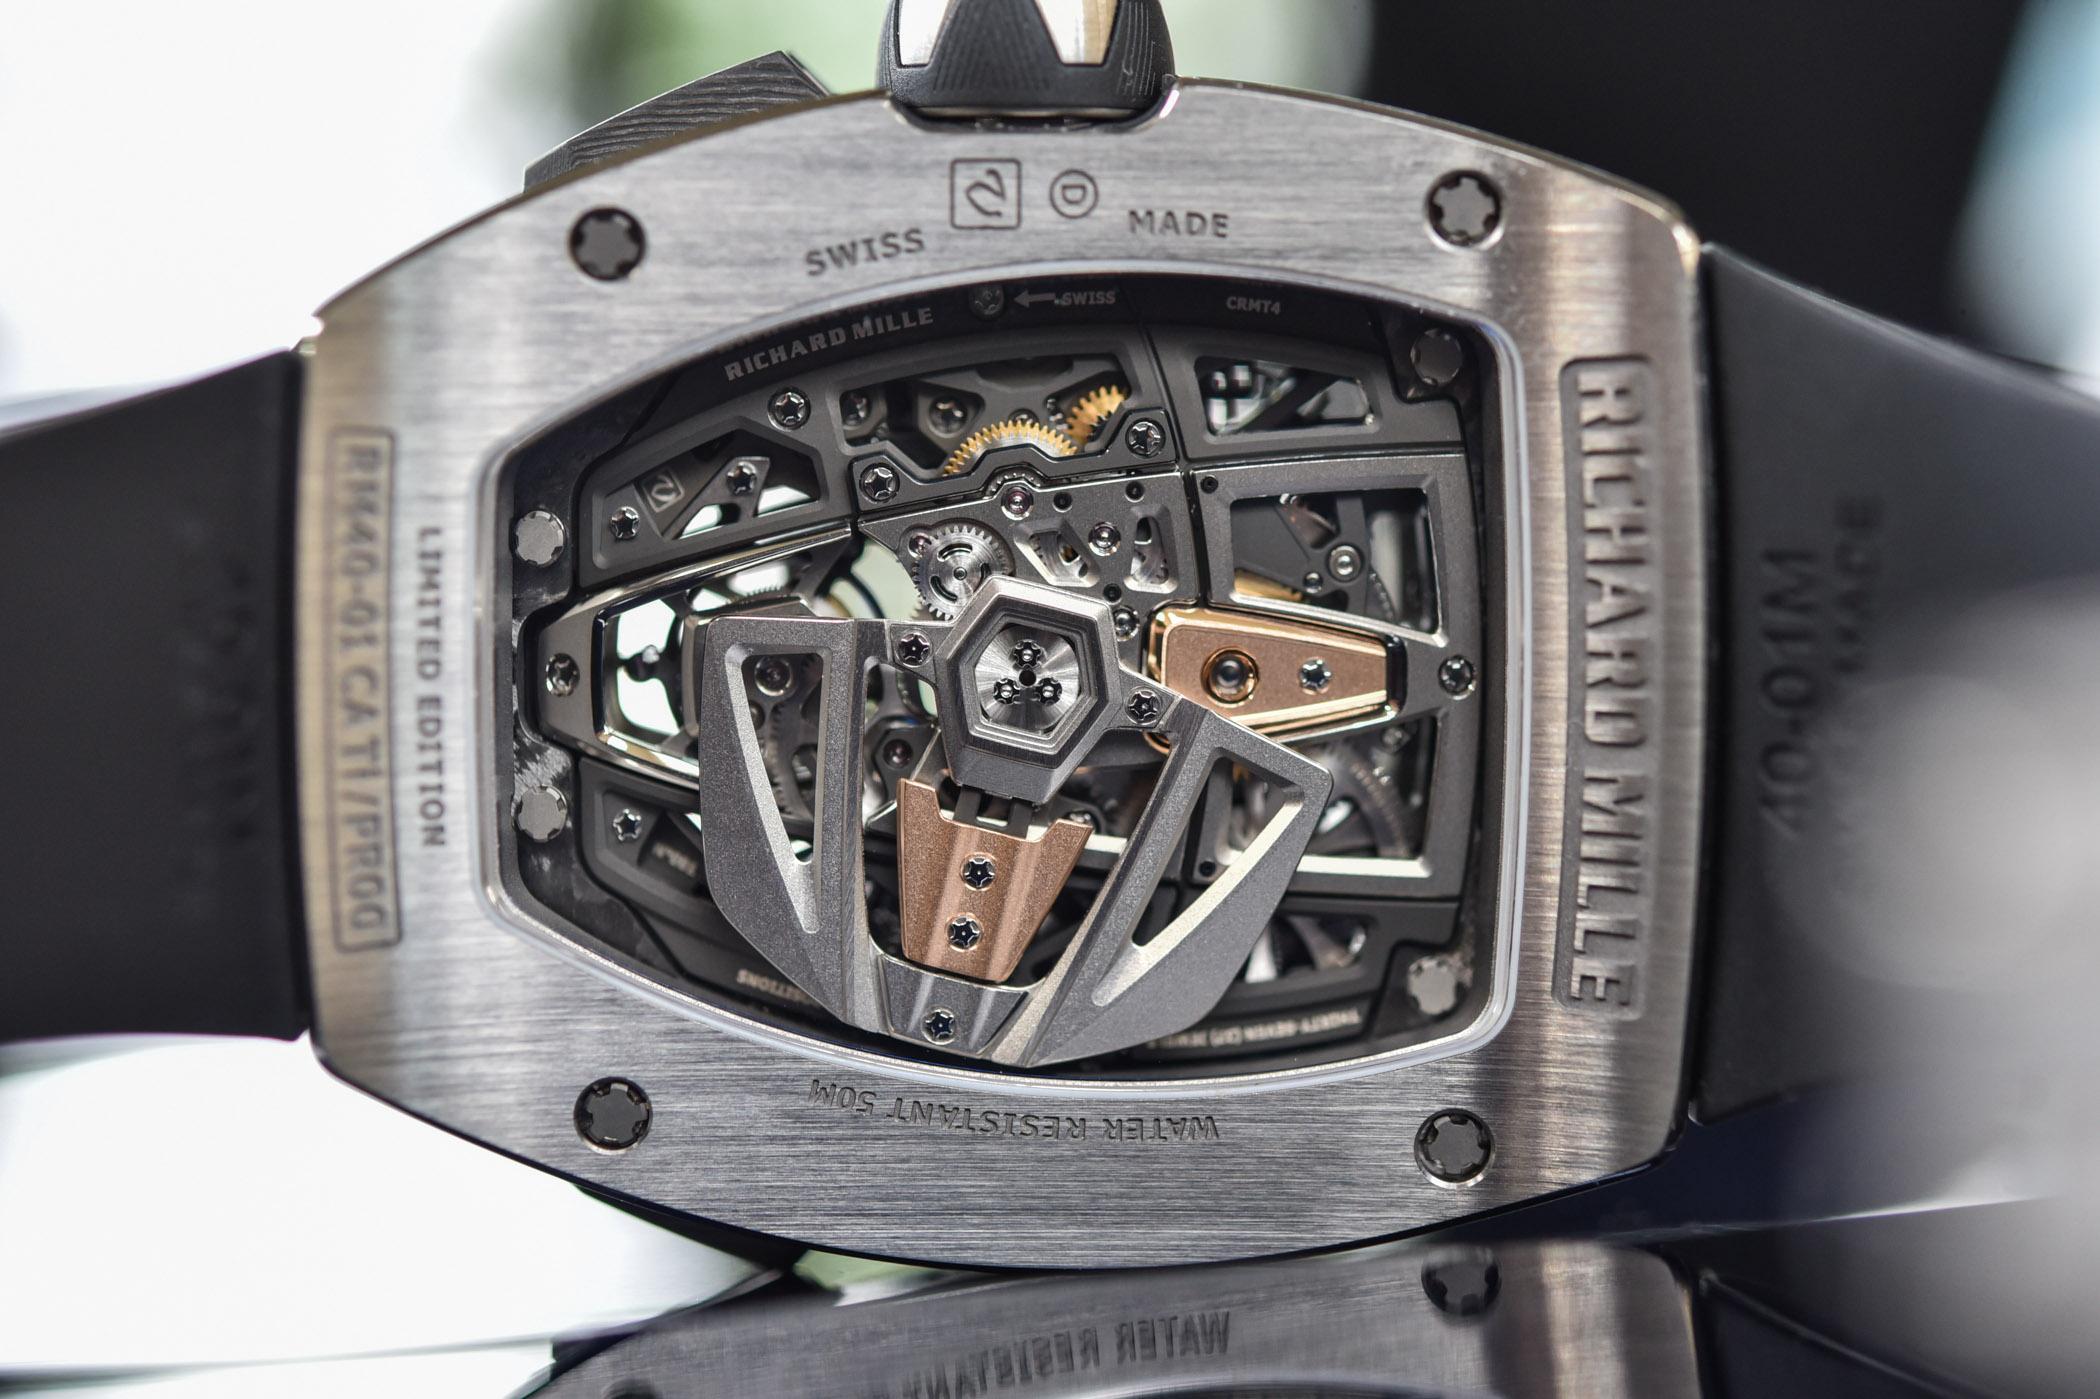 Richard Mille RM 40-01 Automatic Winding Tourbillon McLaren Speedtail